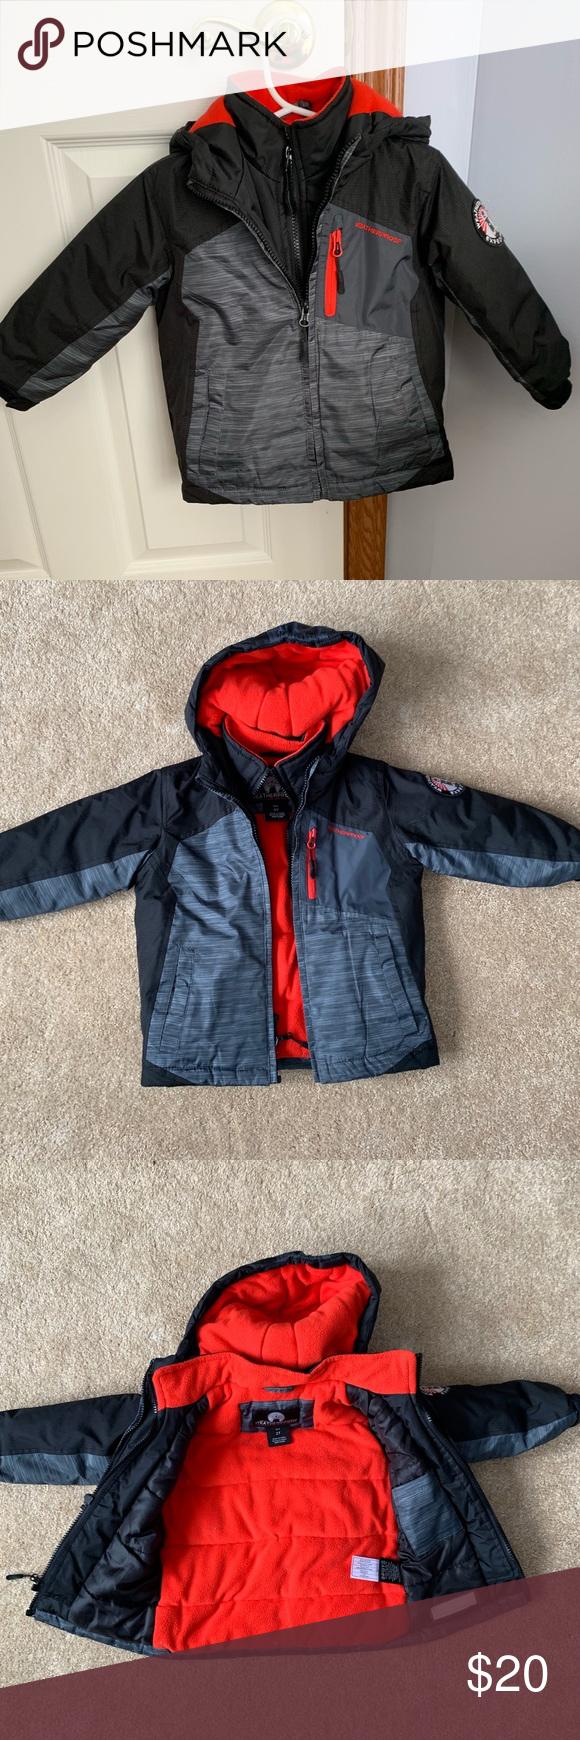 Toddler Boy Weatherpoof Coat Jacket 2t Size 2t Double Zipper Weatherproof Brand Coat Black Gray Red In Color With Red Weatherproof Jacket Jackets Red Fleece [ 1740 x 580 Pixel ]